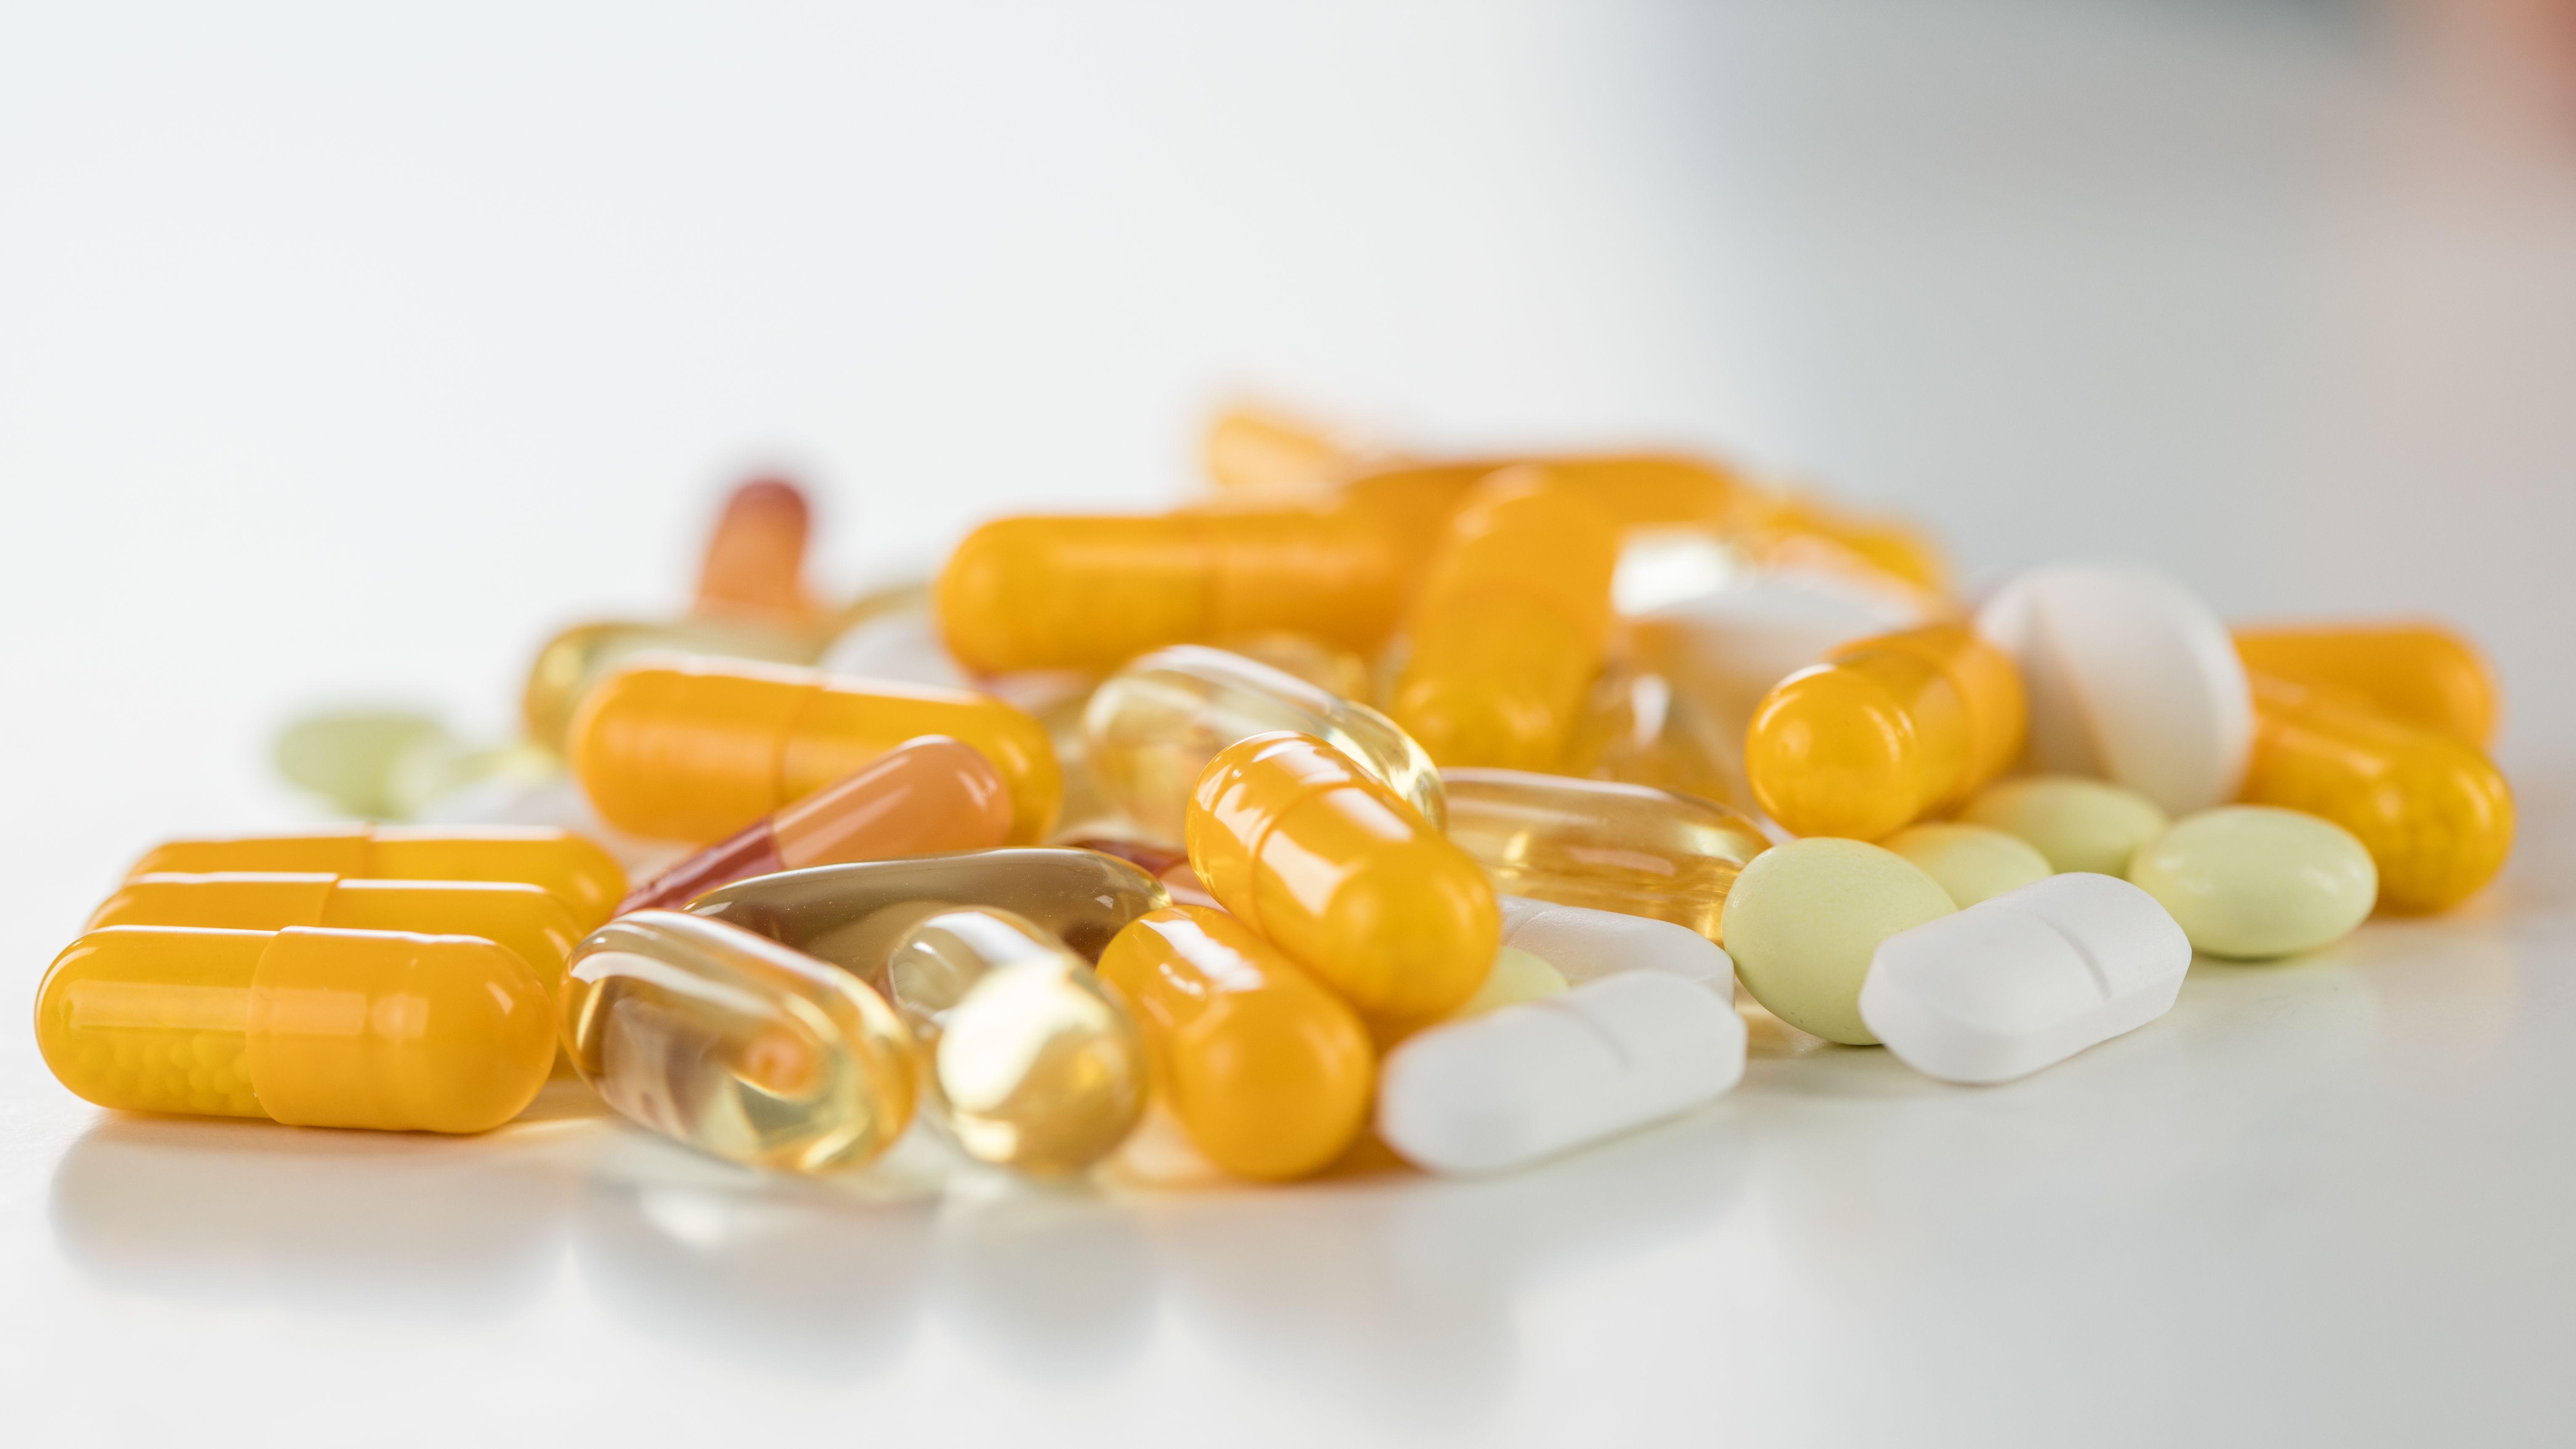 Gelbe, weiße und drichsichtige Tabletten liegen auf einem Haufen